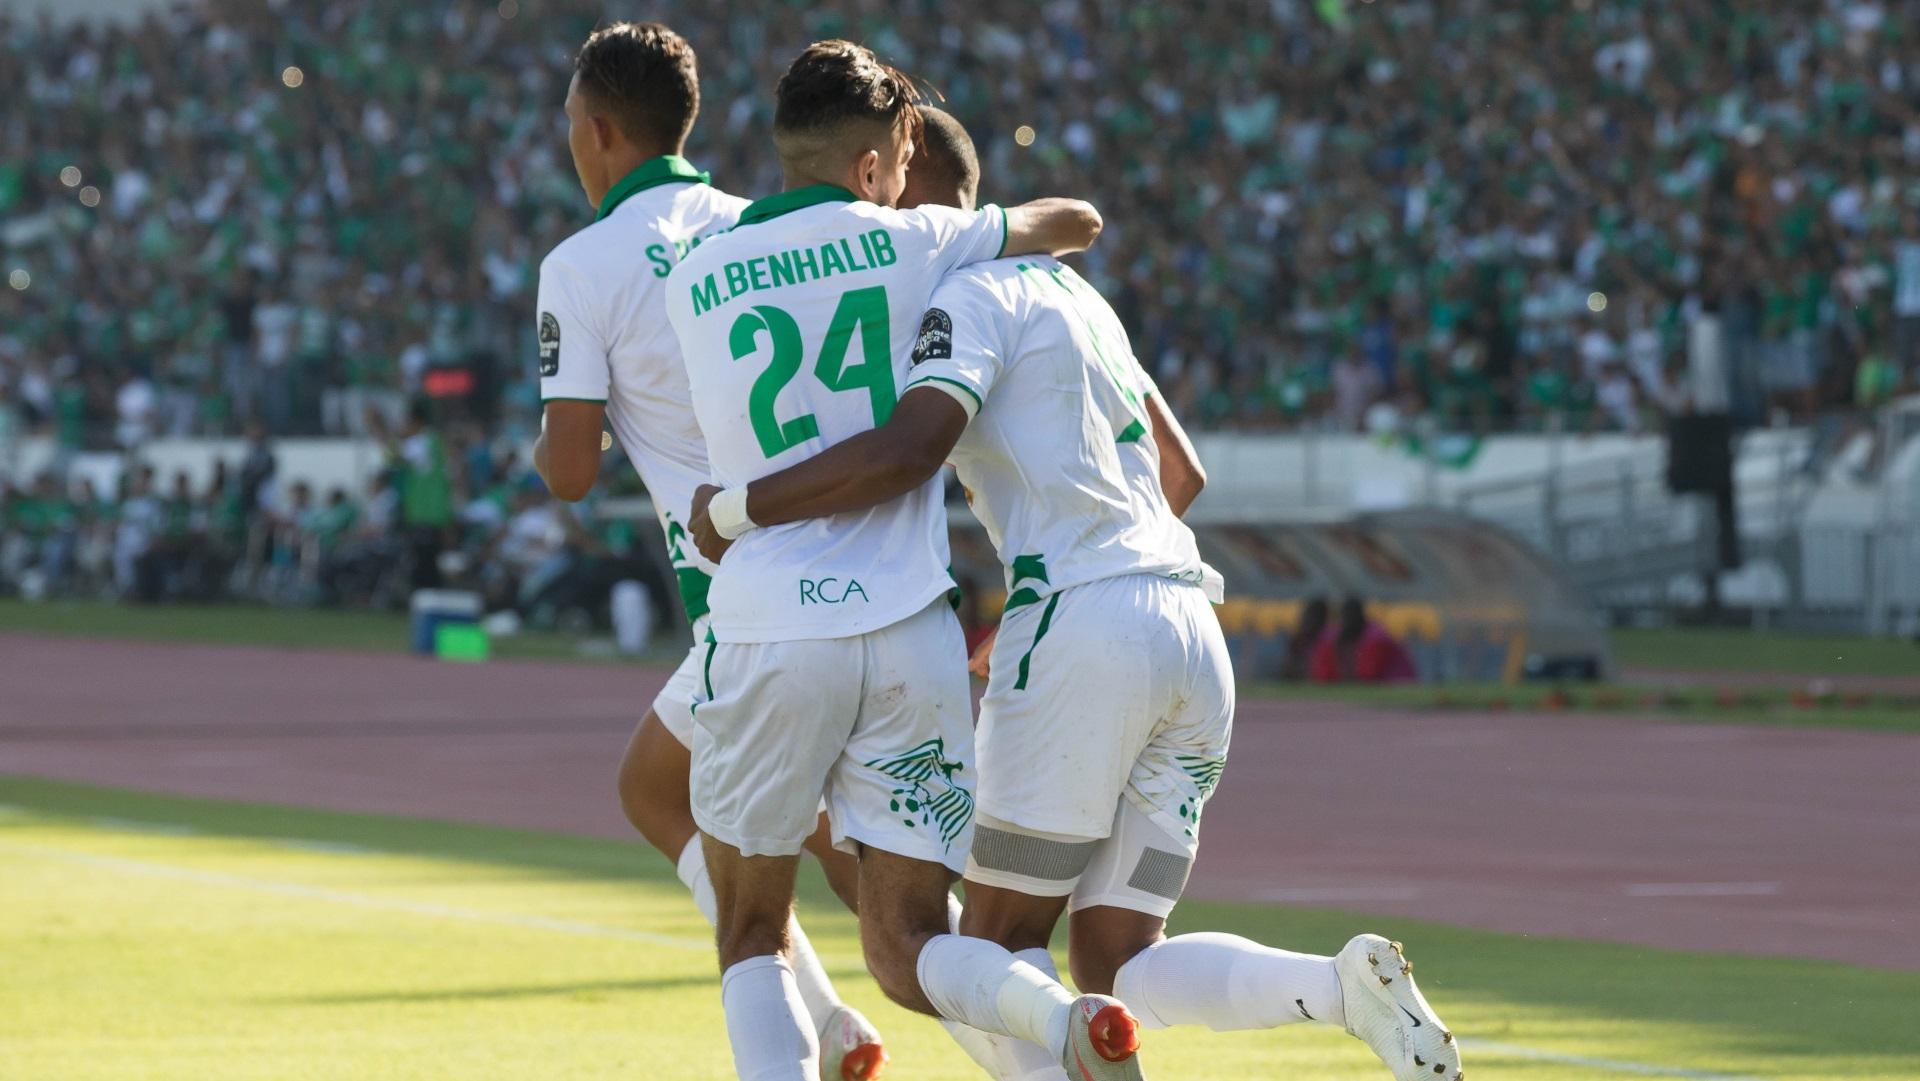 Mahmoud Benhalib and Raja Casablanca celebrate